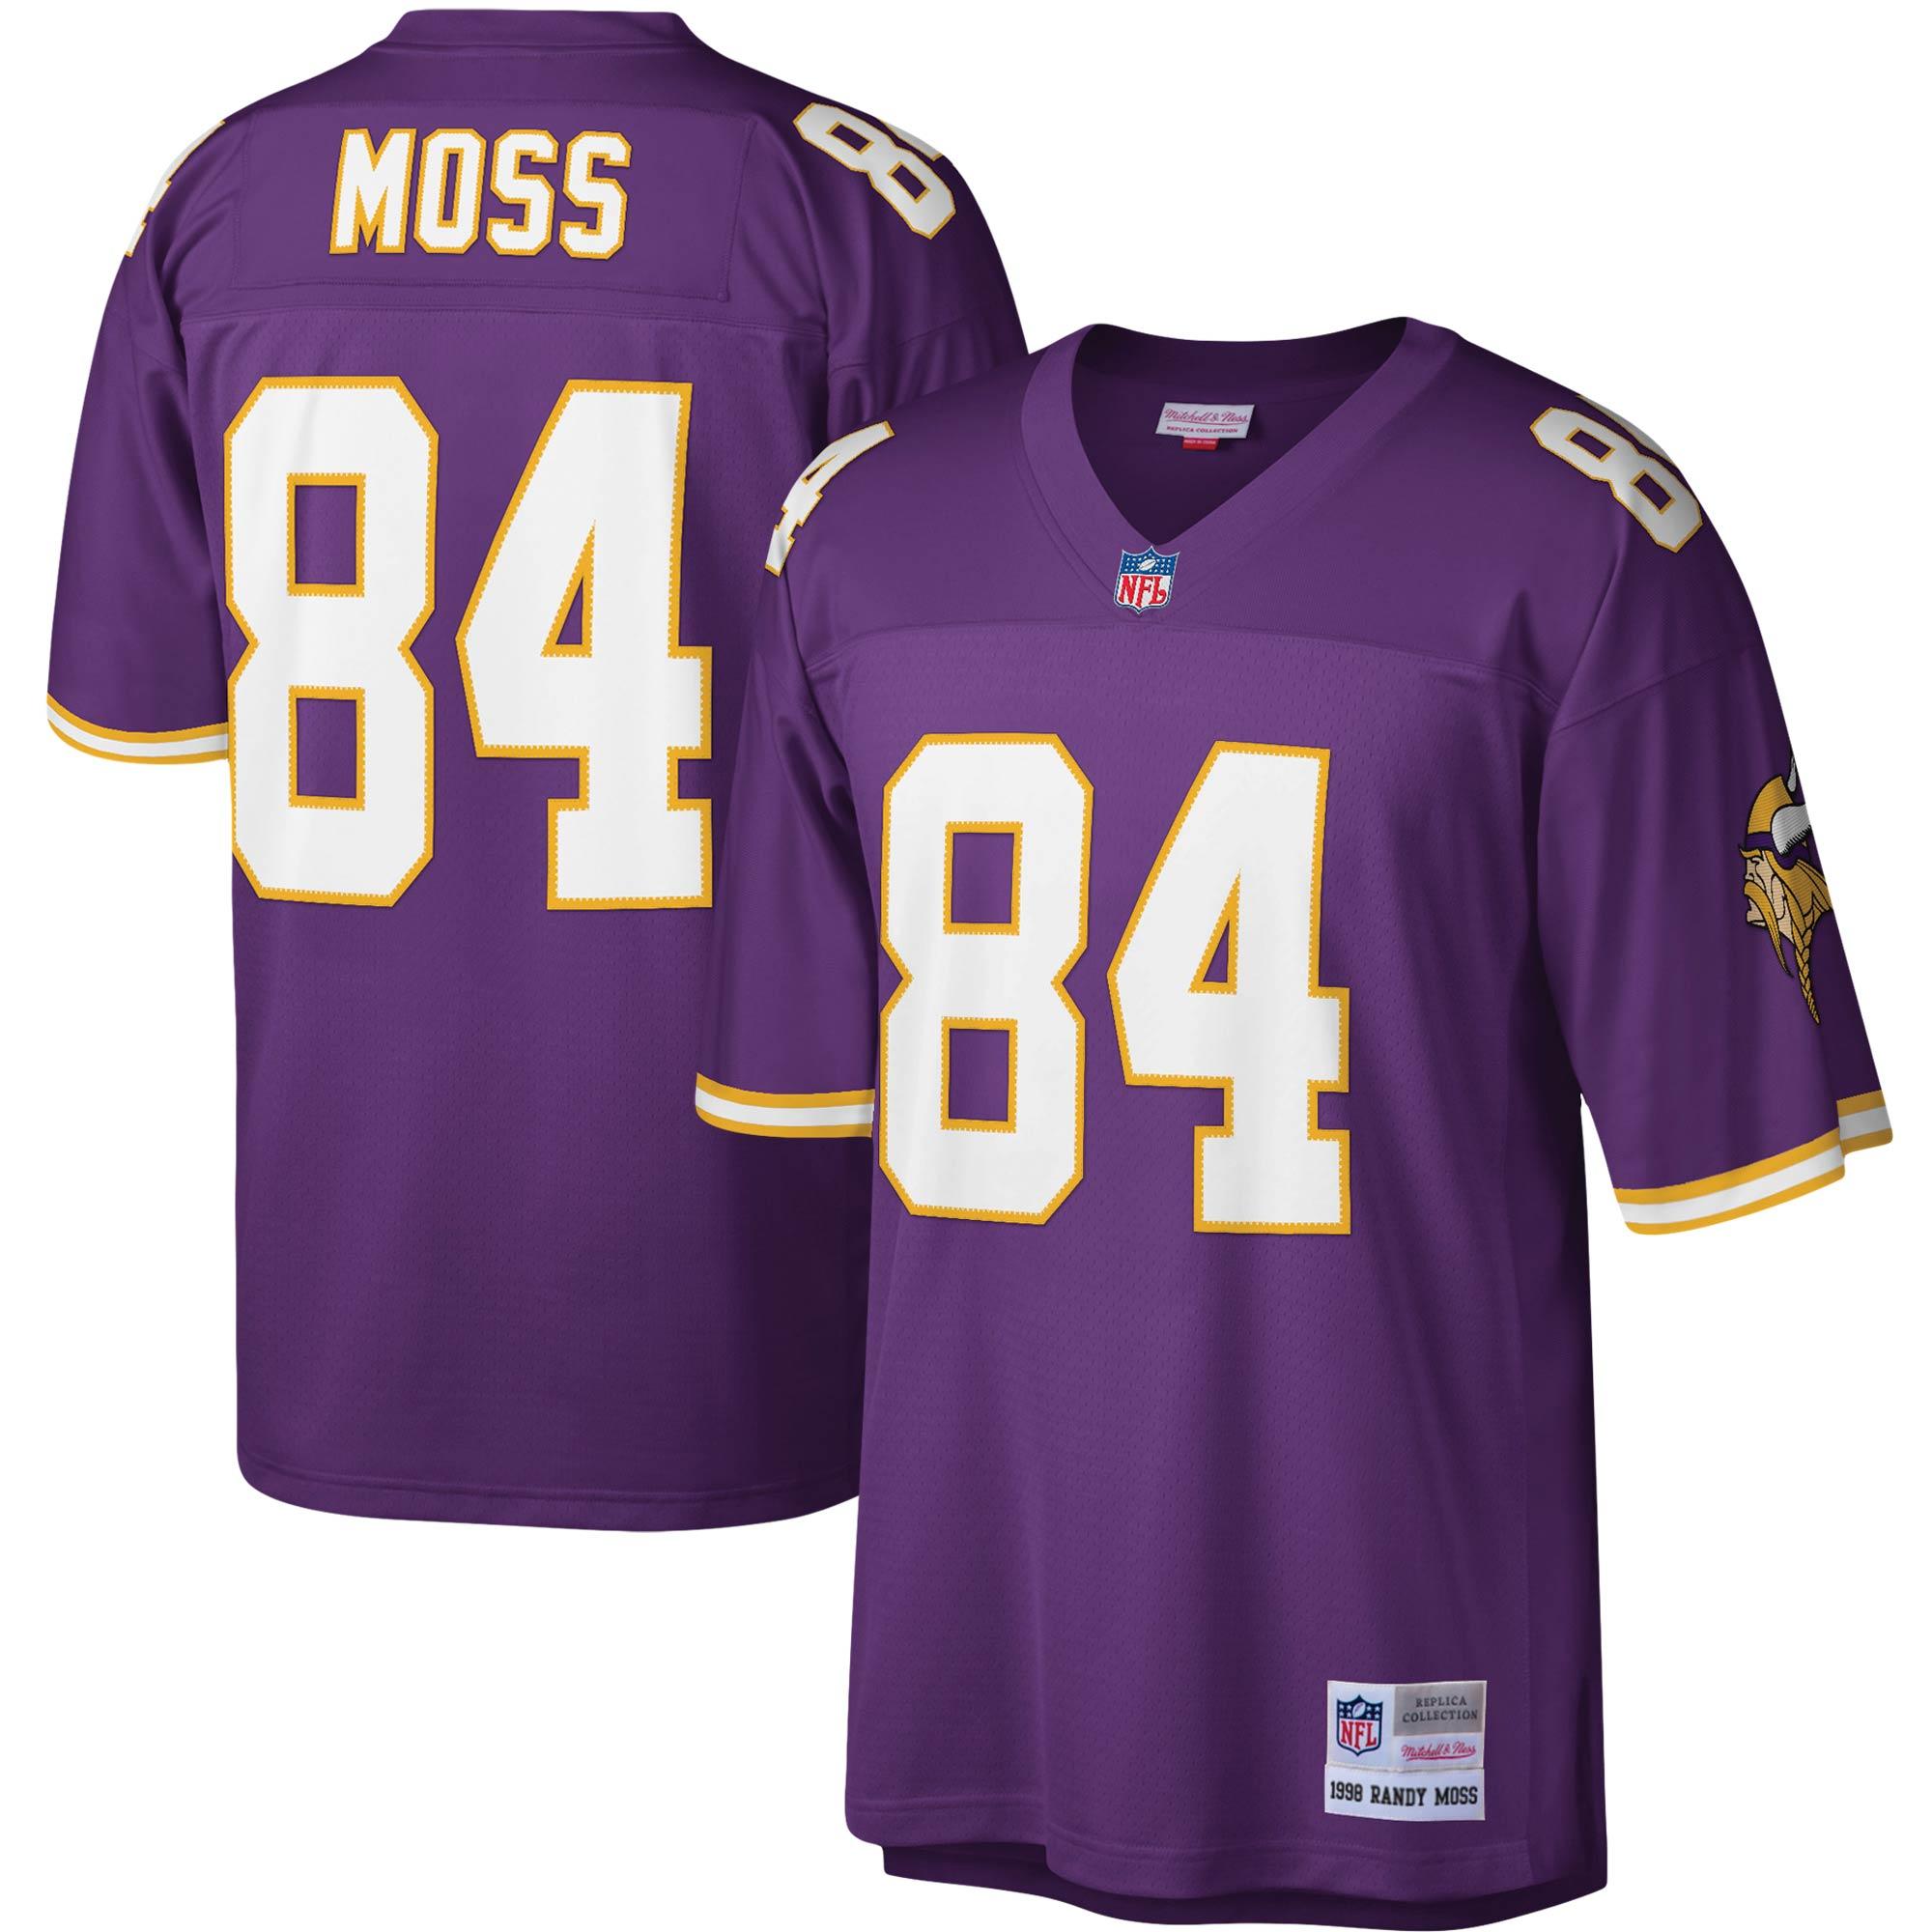 Randy Moss Minnesota Vikings Mitchell & Ness Legacy Replica Jersey - Purple